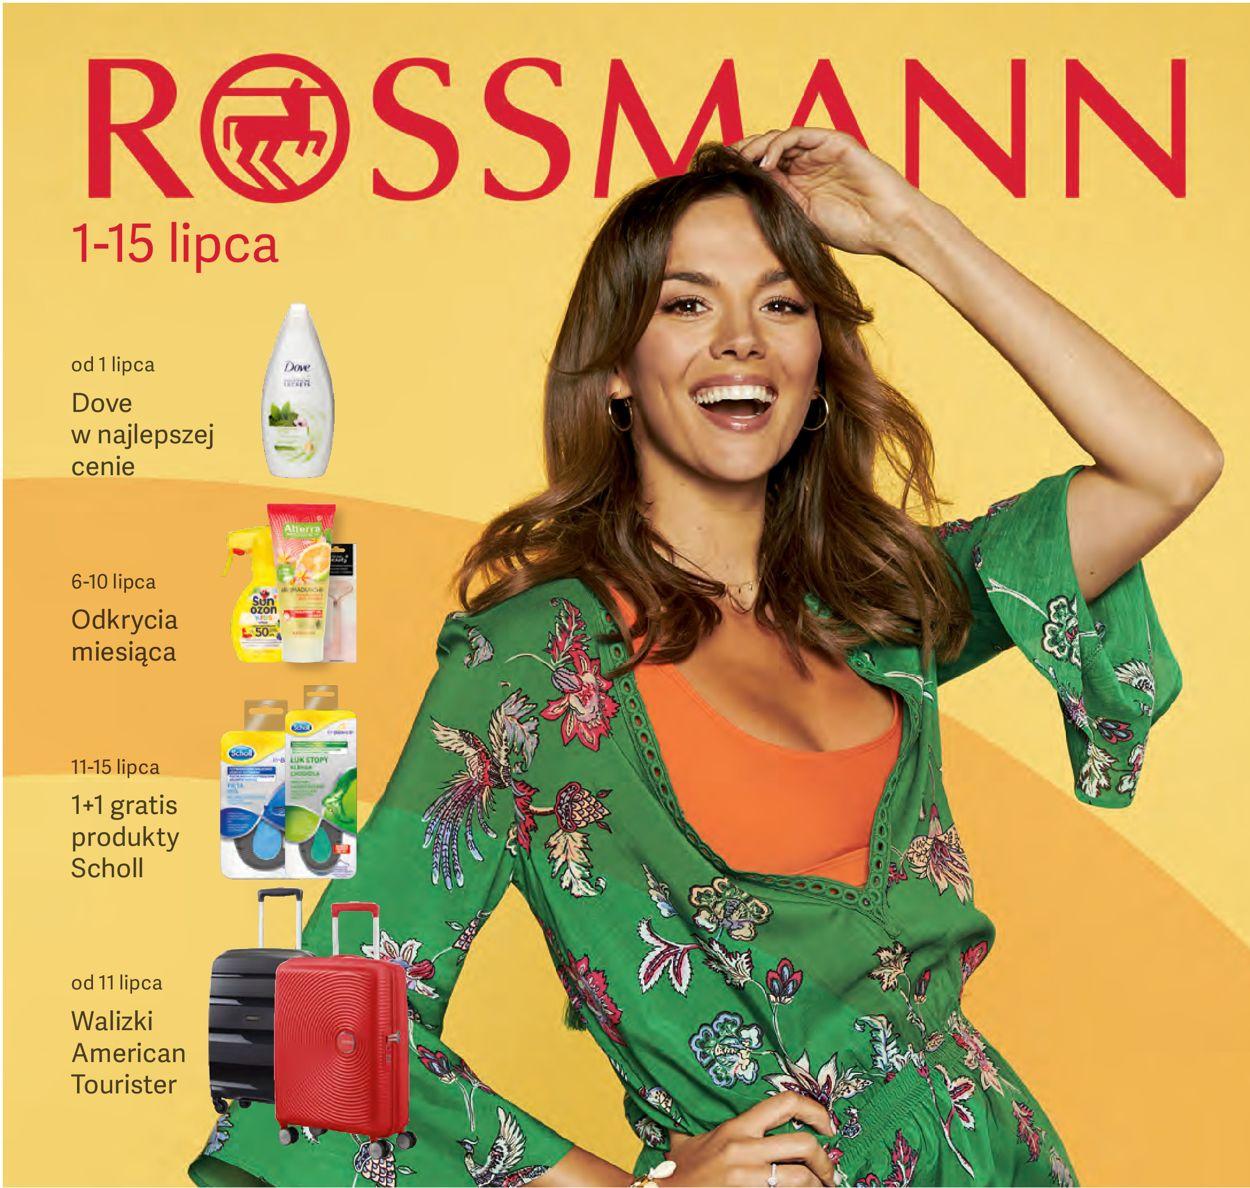 Gazetka promocyjna Rossmann - 01.07-15.07.2019